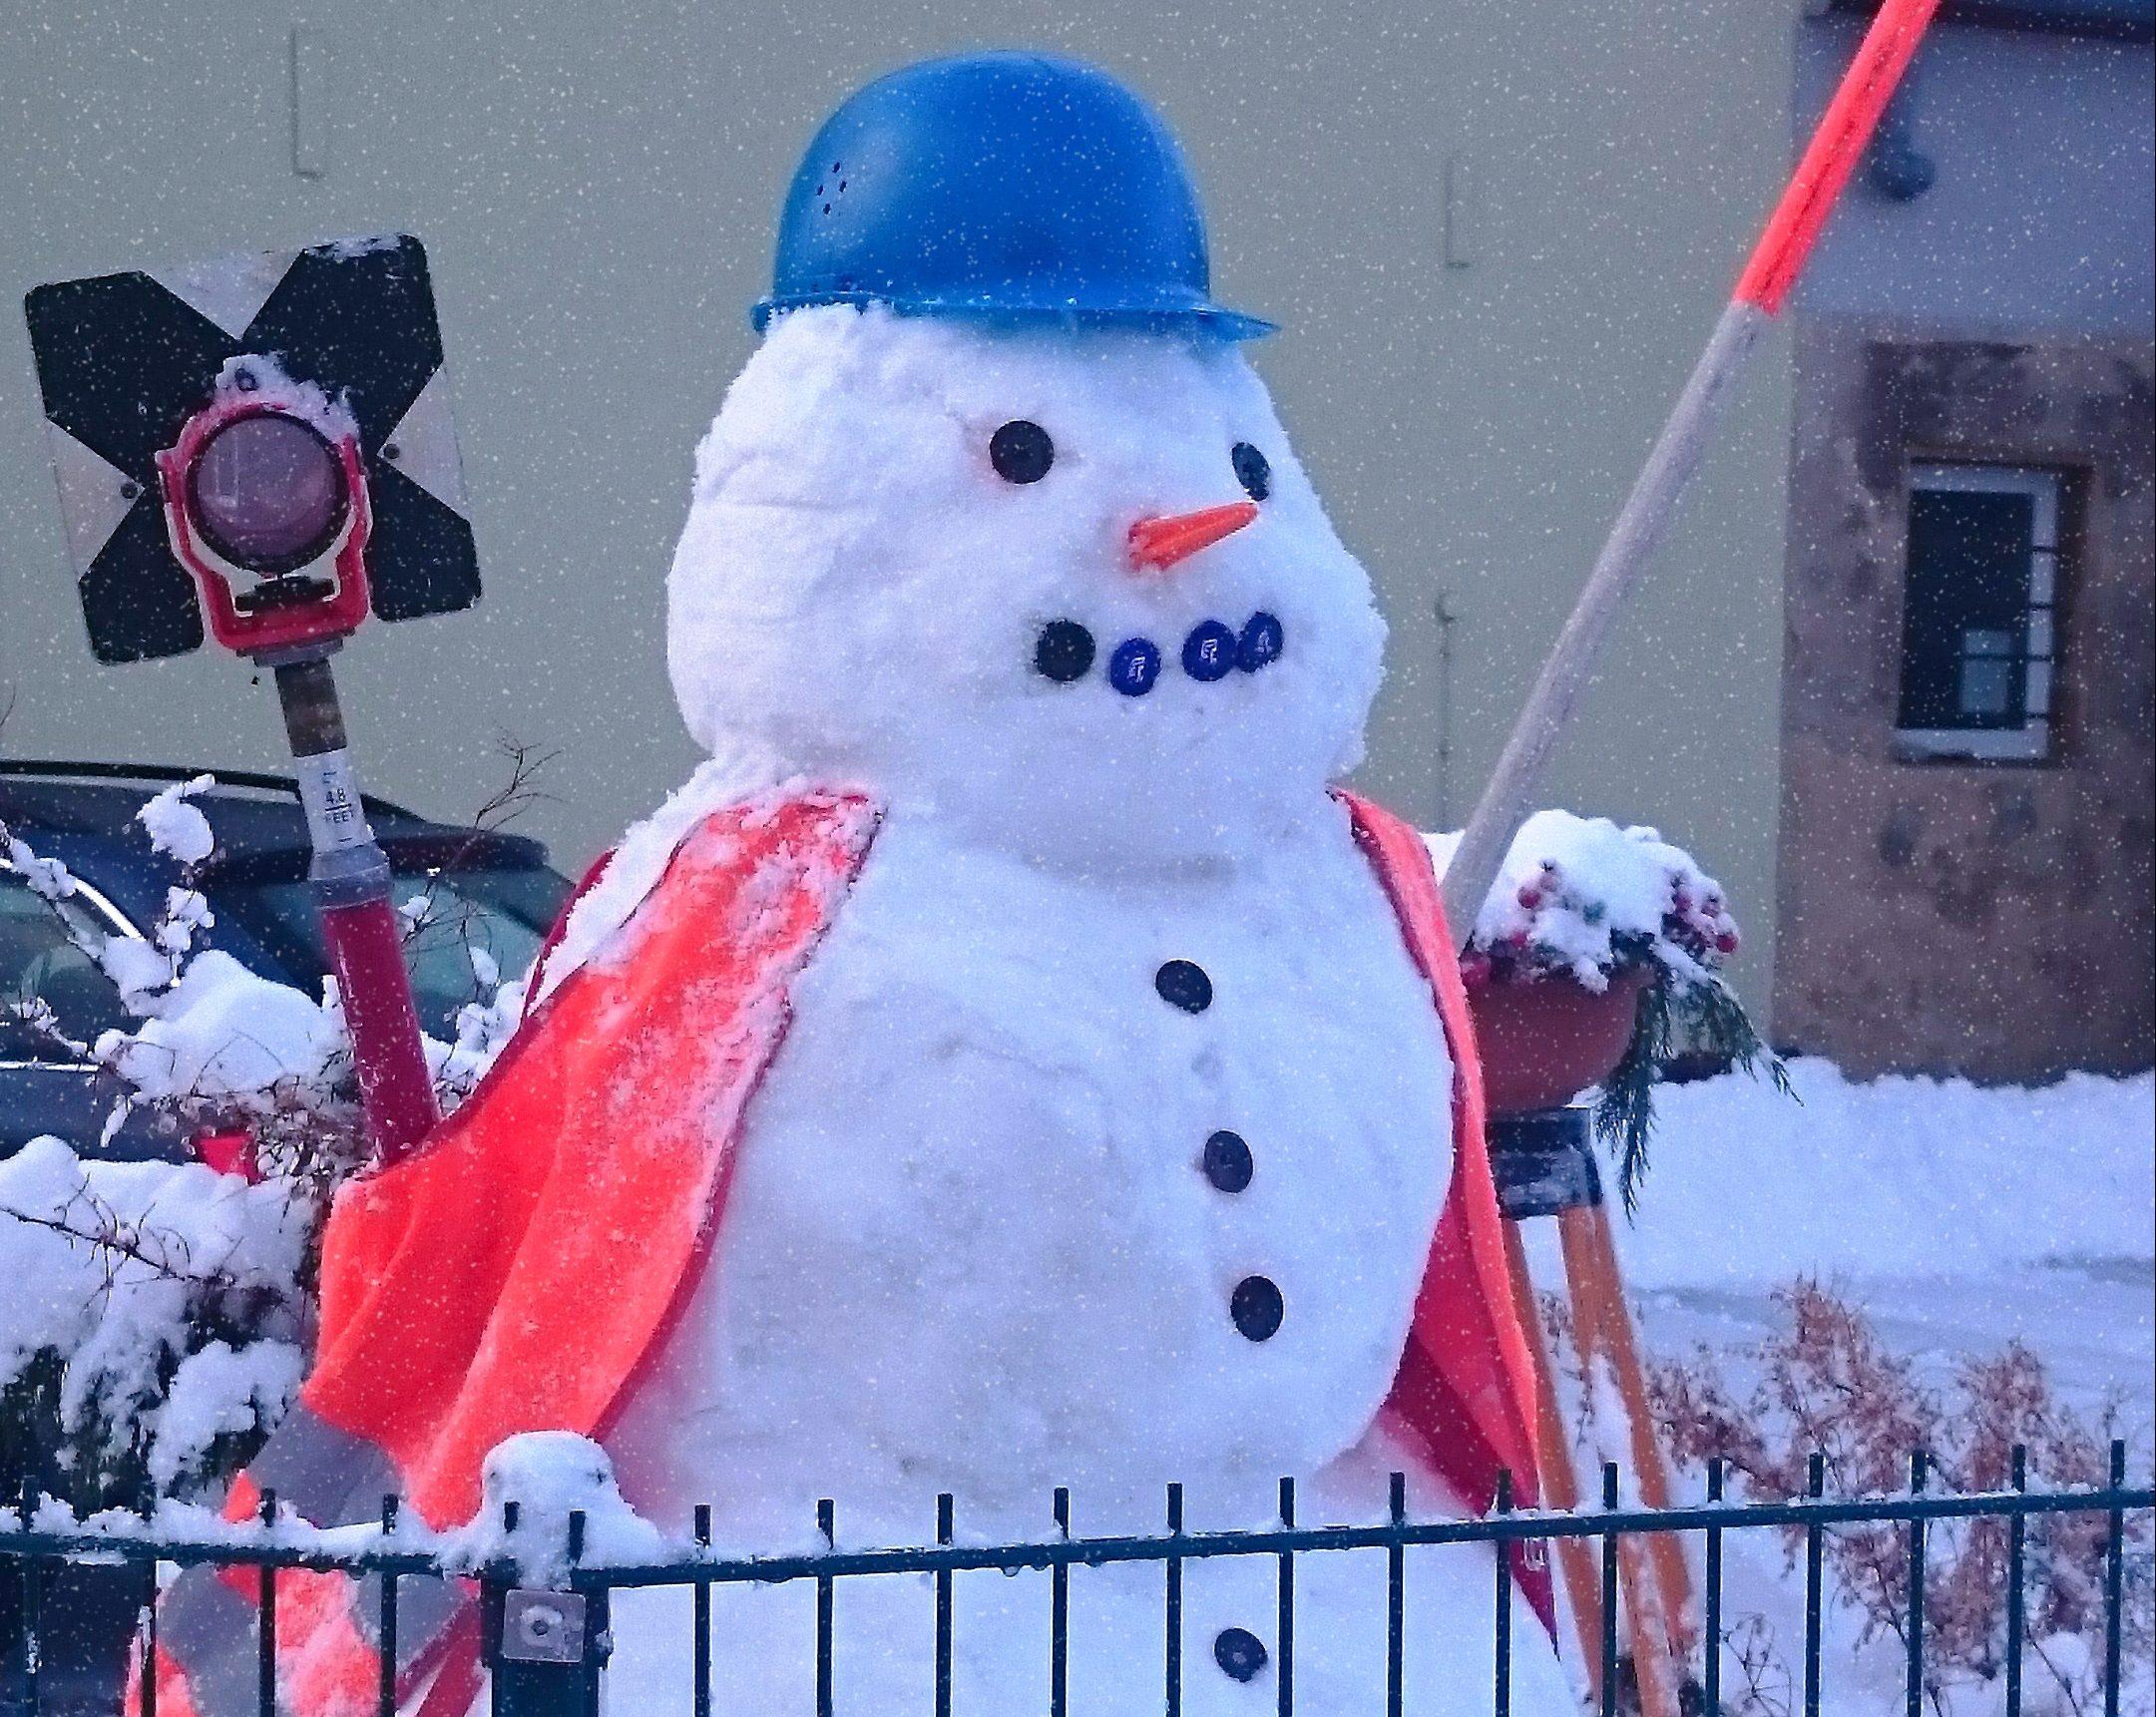 Schneemann mit Warnweste, Helm und Fluchtstange